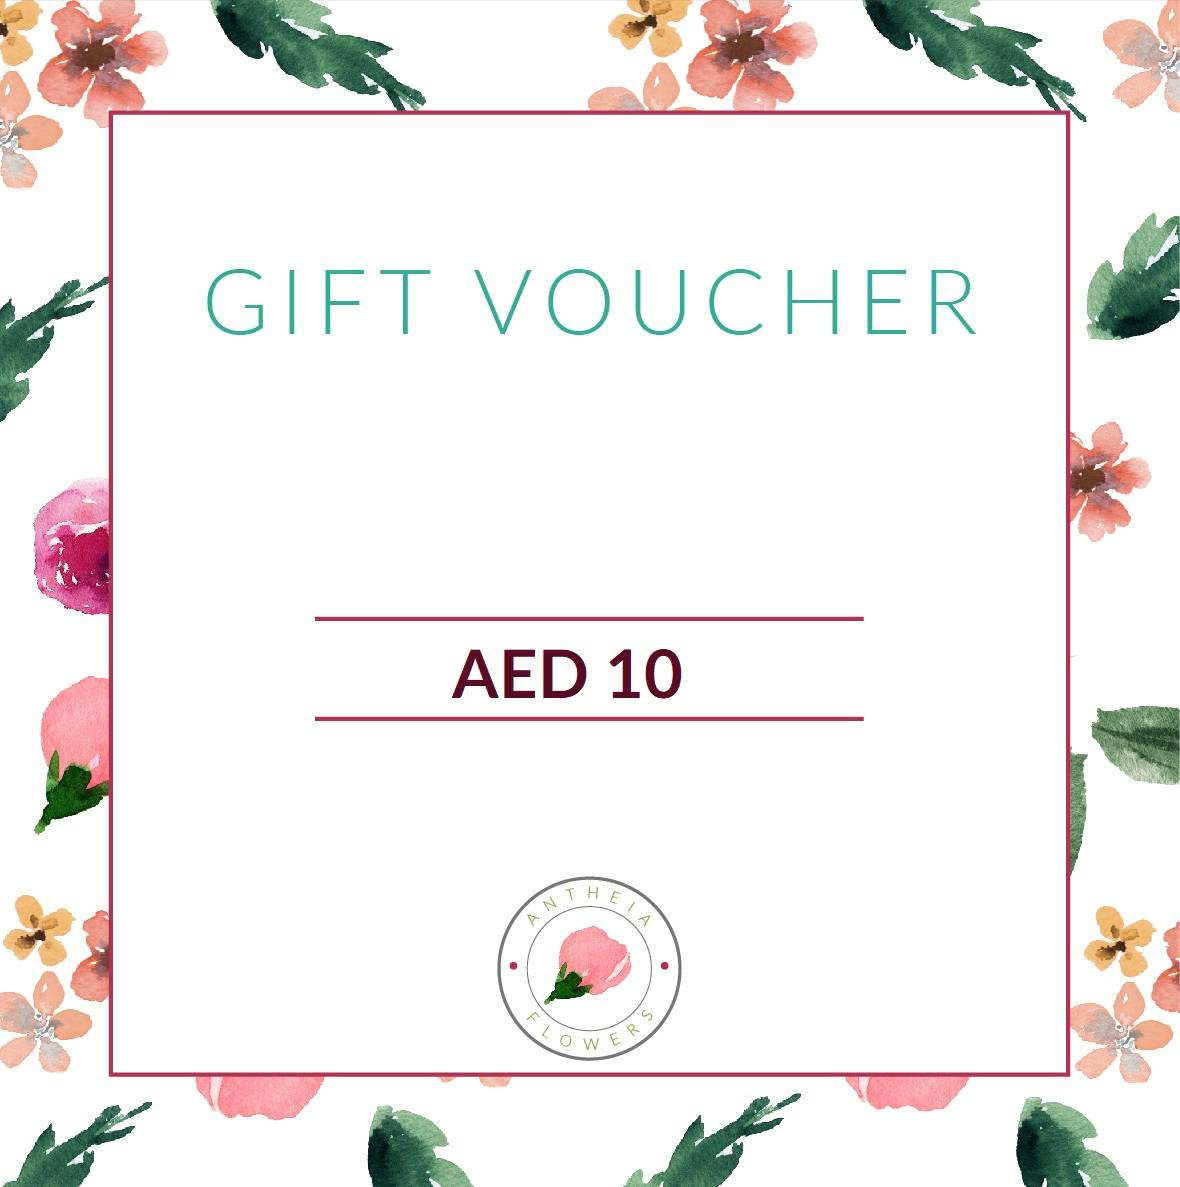 Gift Voucher AED 10